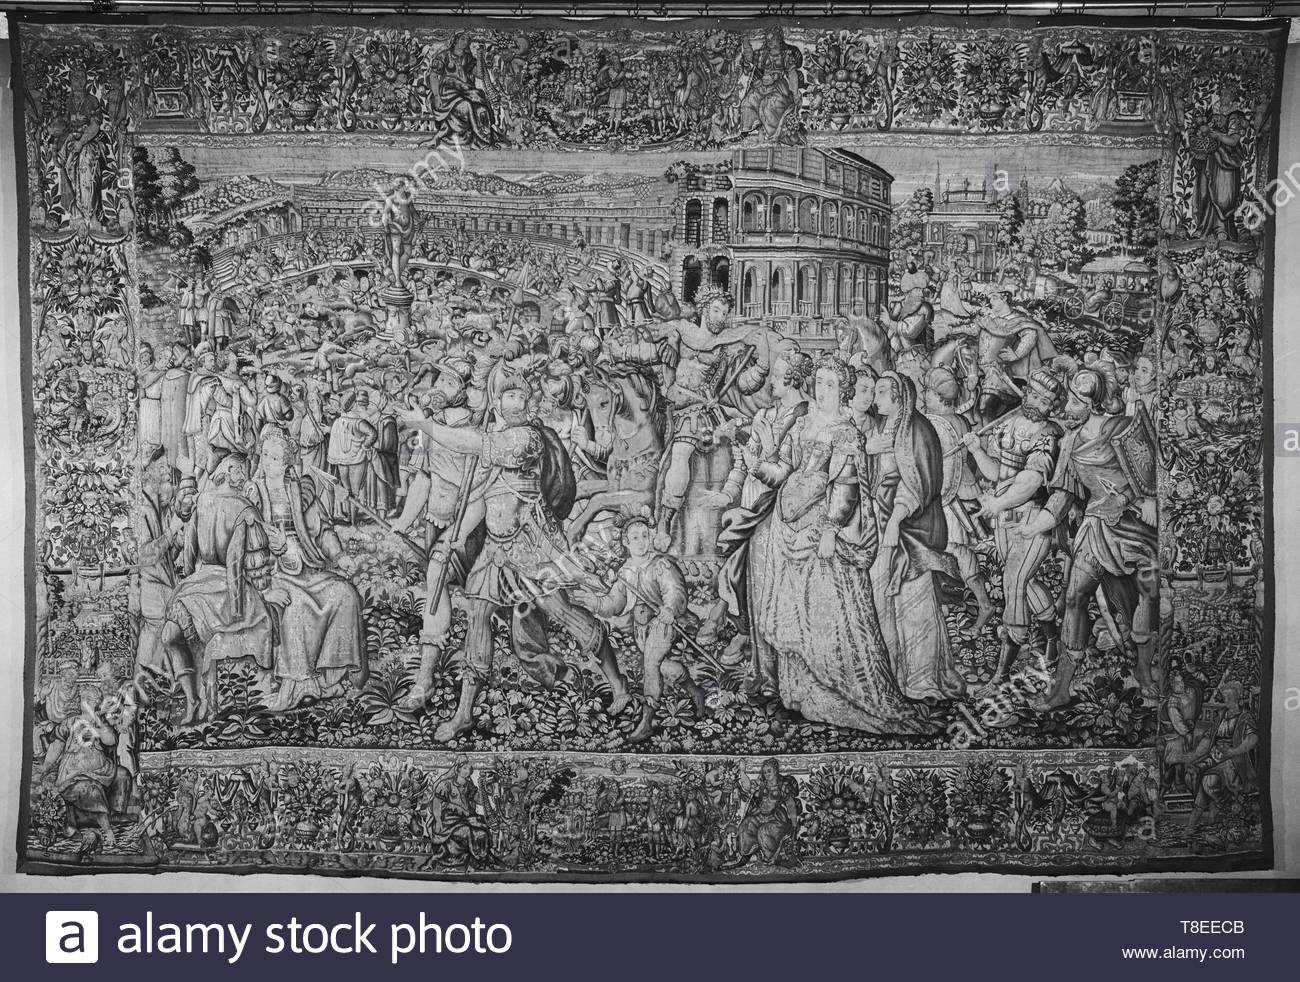 Heemskerck, Marten van (Netherlandish (before 1600) - North Netherlands, 1498-1574) (designed after) [printmaker] br Tempesta, Antonio (Italian, 1555-1630) (designed after) [printmaker] br Guebels, Jacques I (Nether - Stock Image